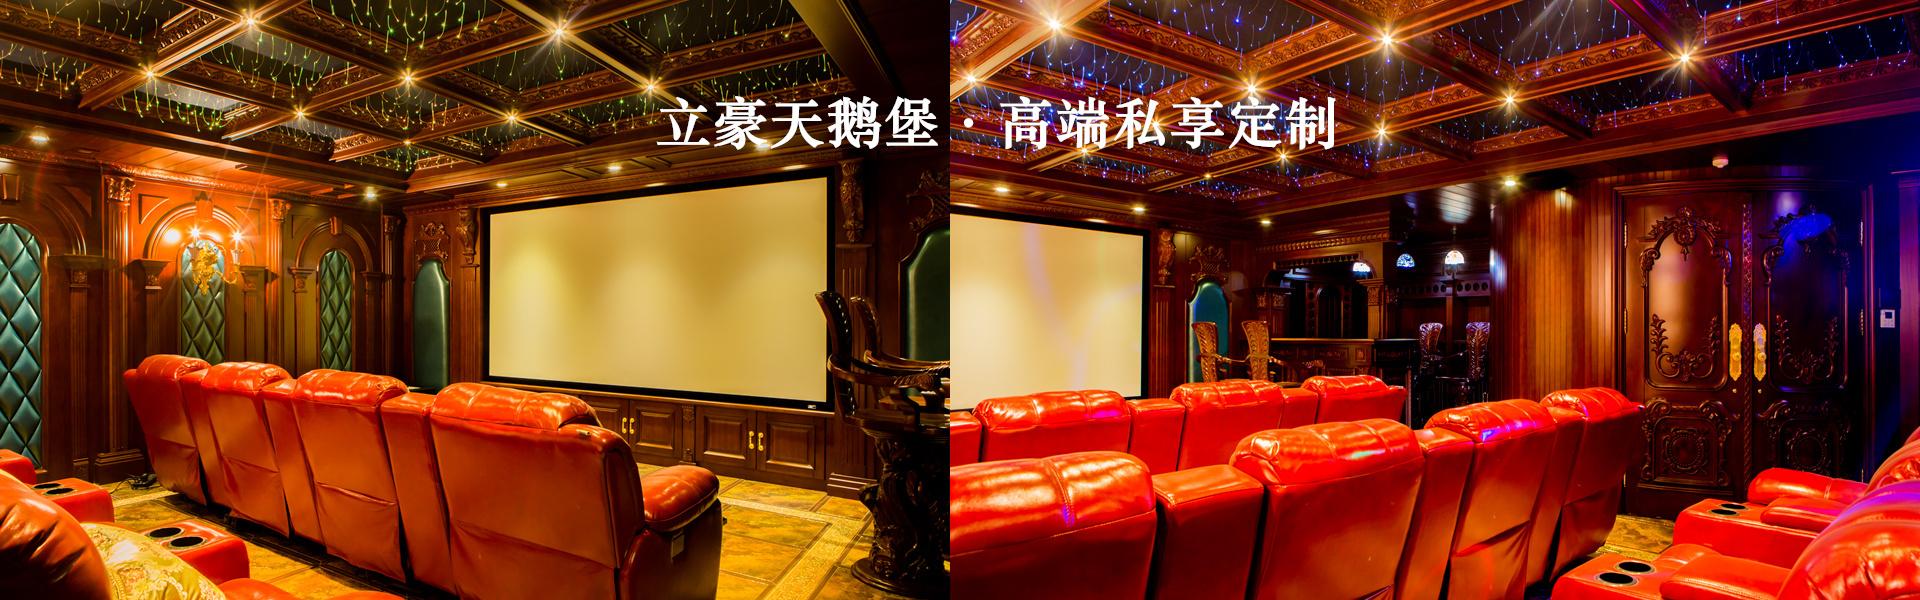 老子影院2019影视